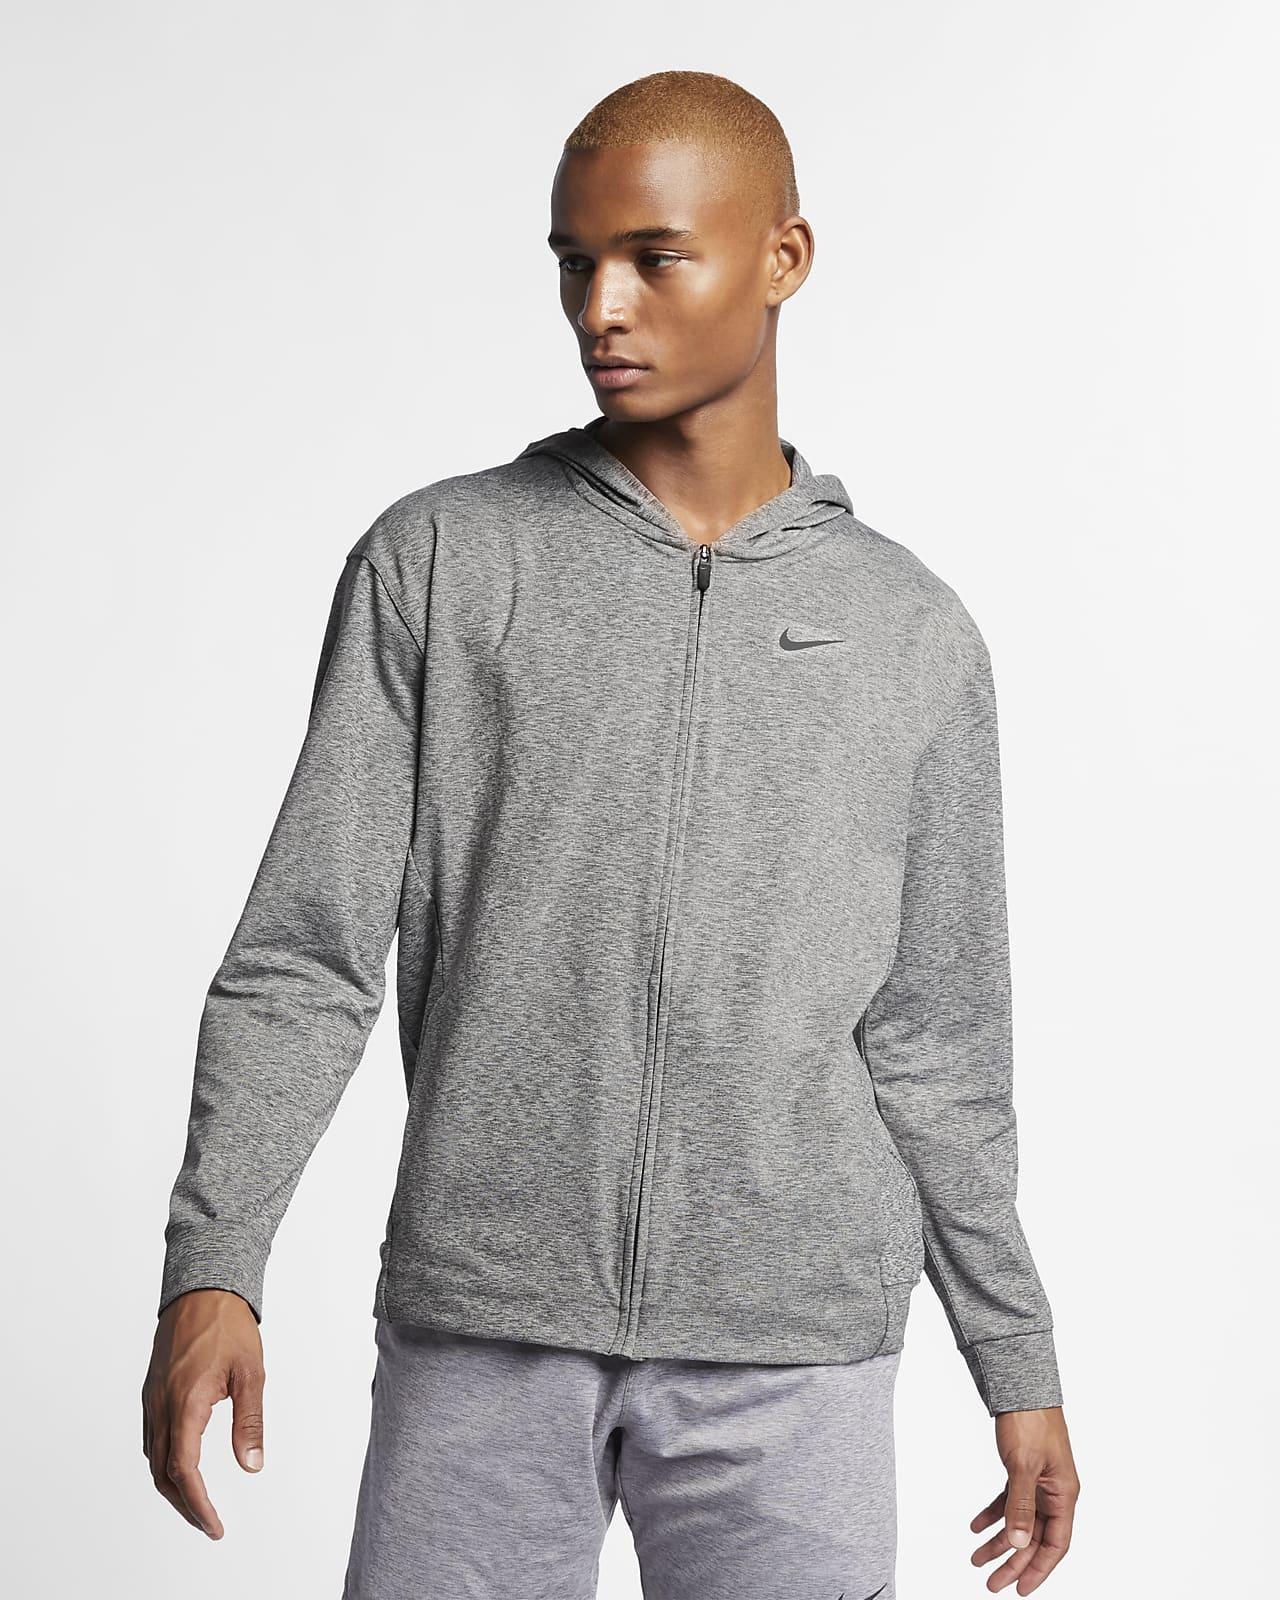 Hoodie de ioga com fecho completo Nike Dri-FIT para homem